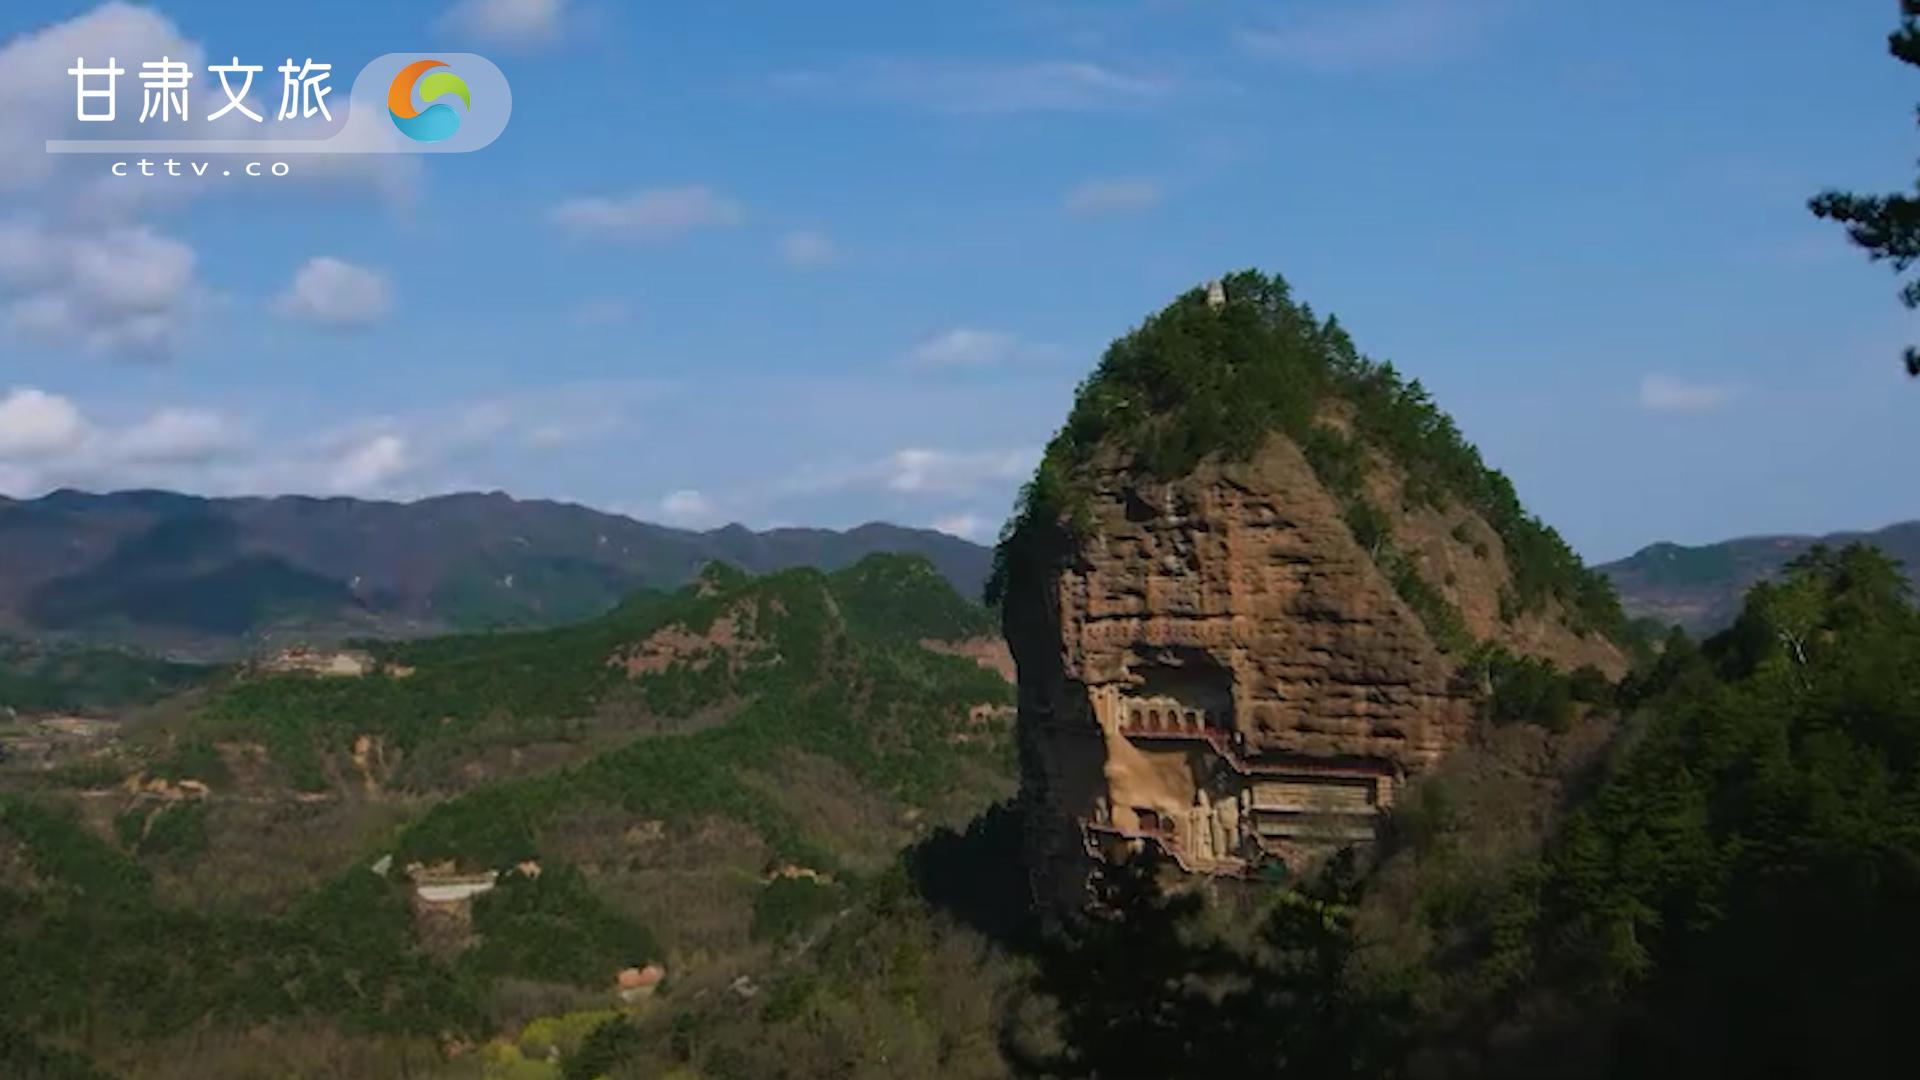 天水麦积山石窟——东方雕塑艺术陈列馆